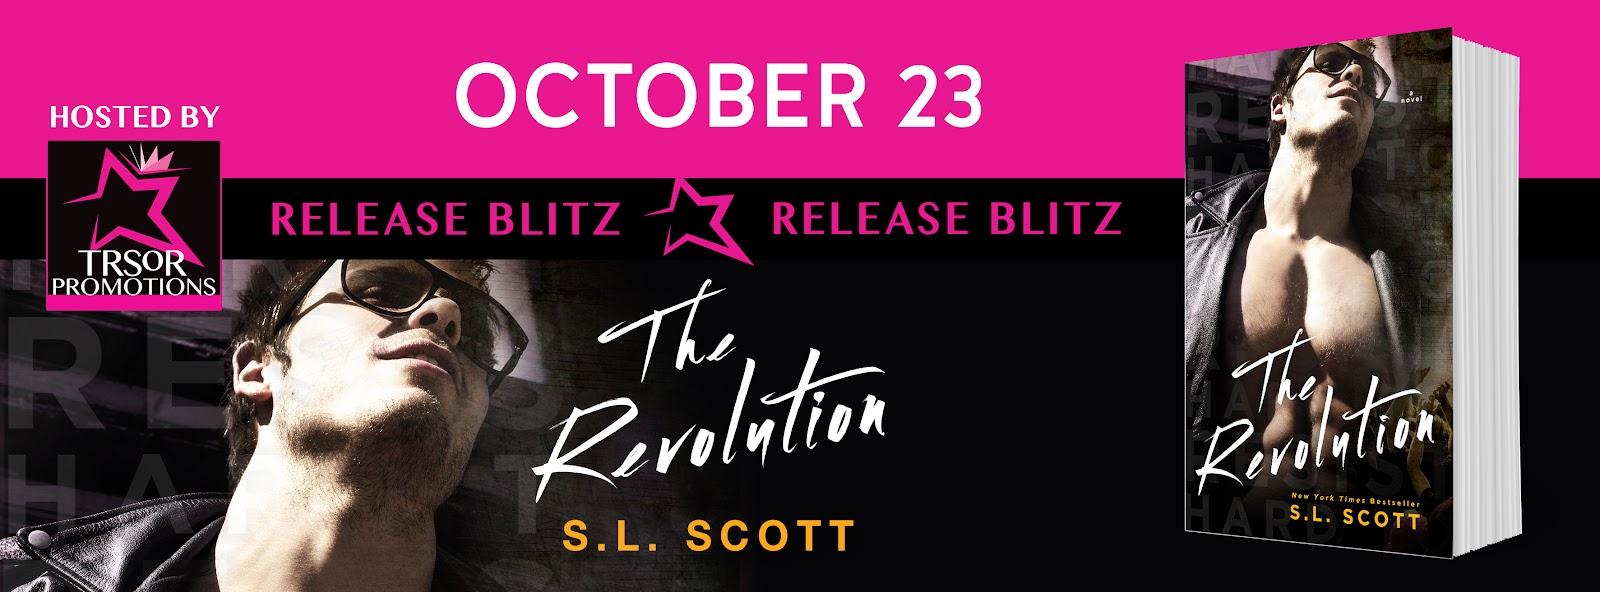 REVOLUTION_RELEASE_BLITZ.jpg